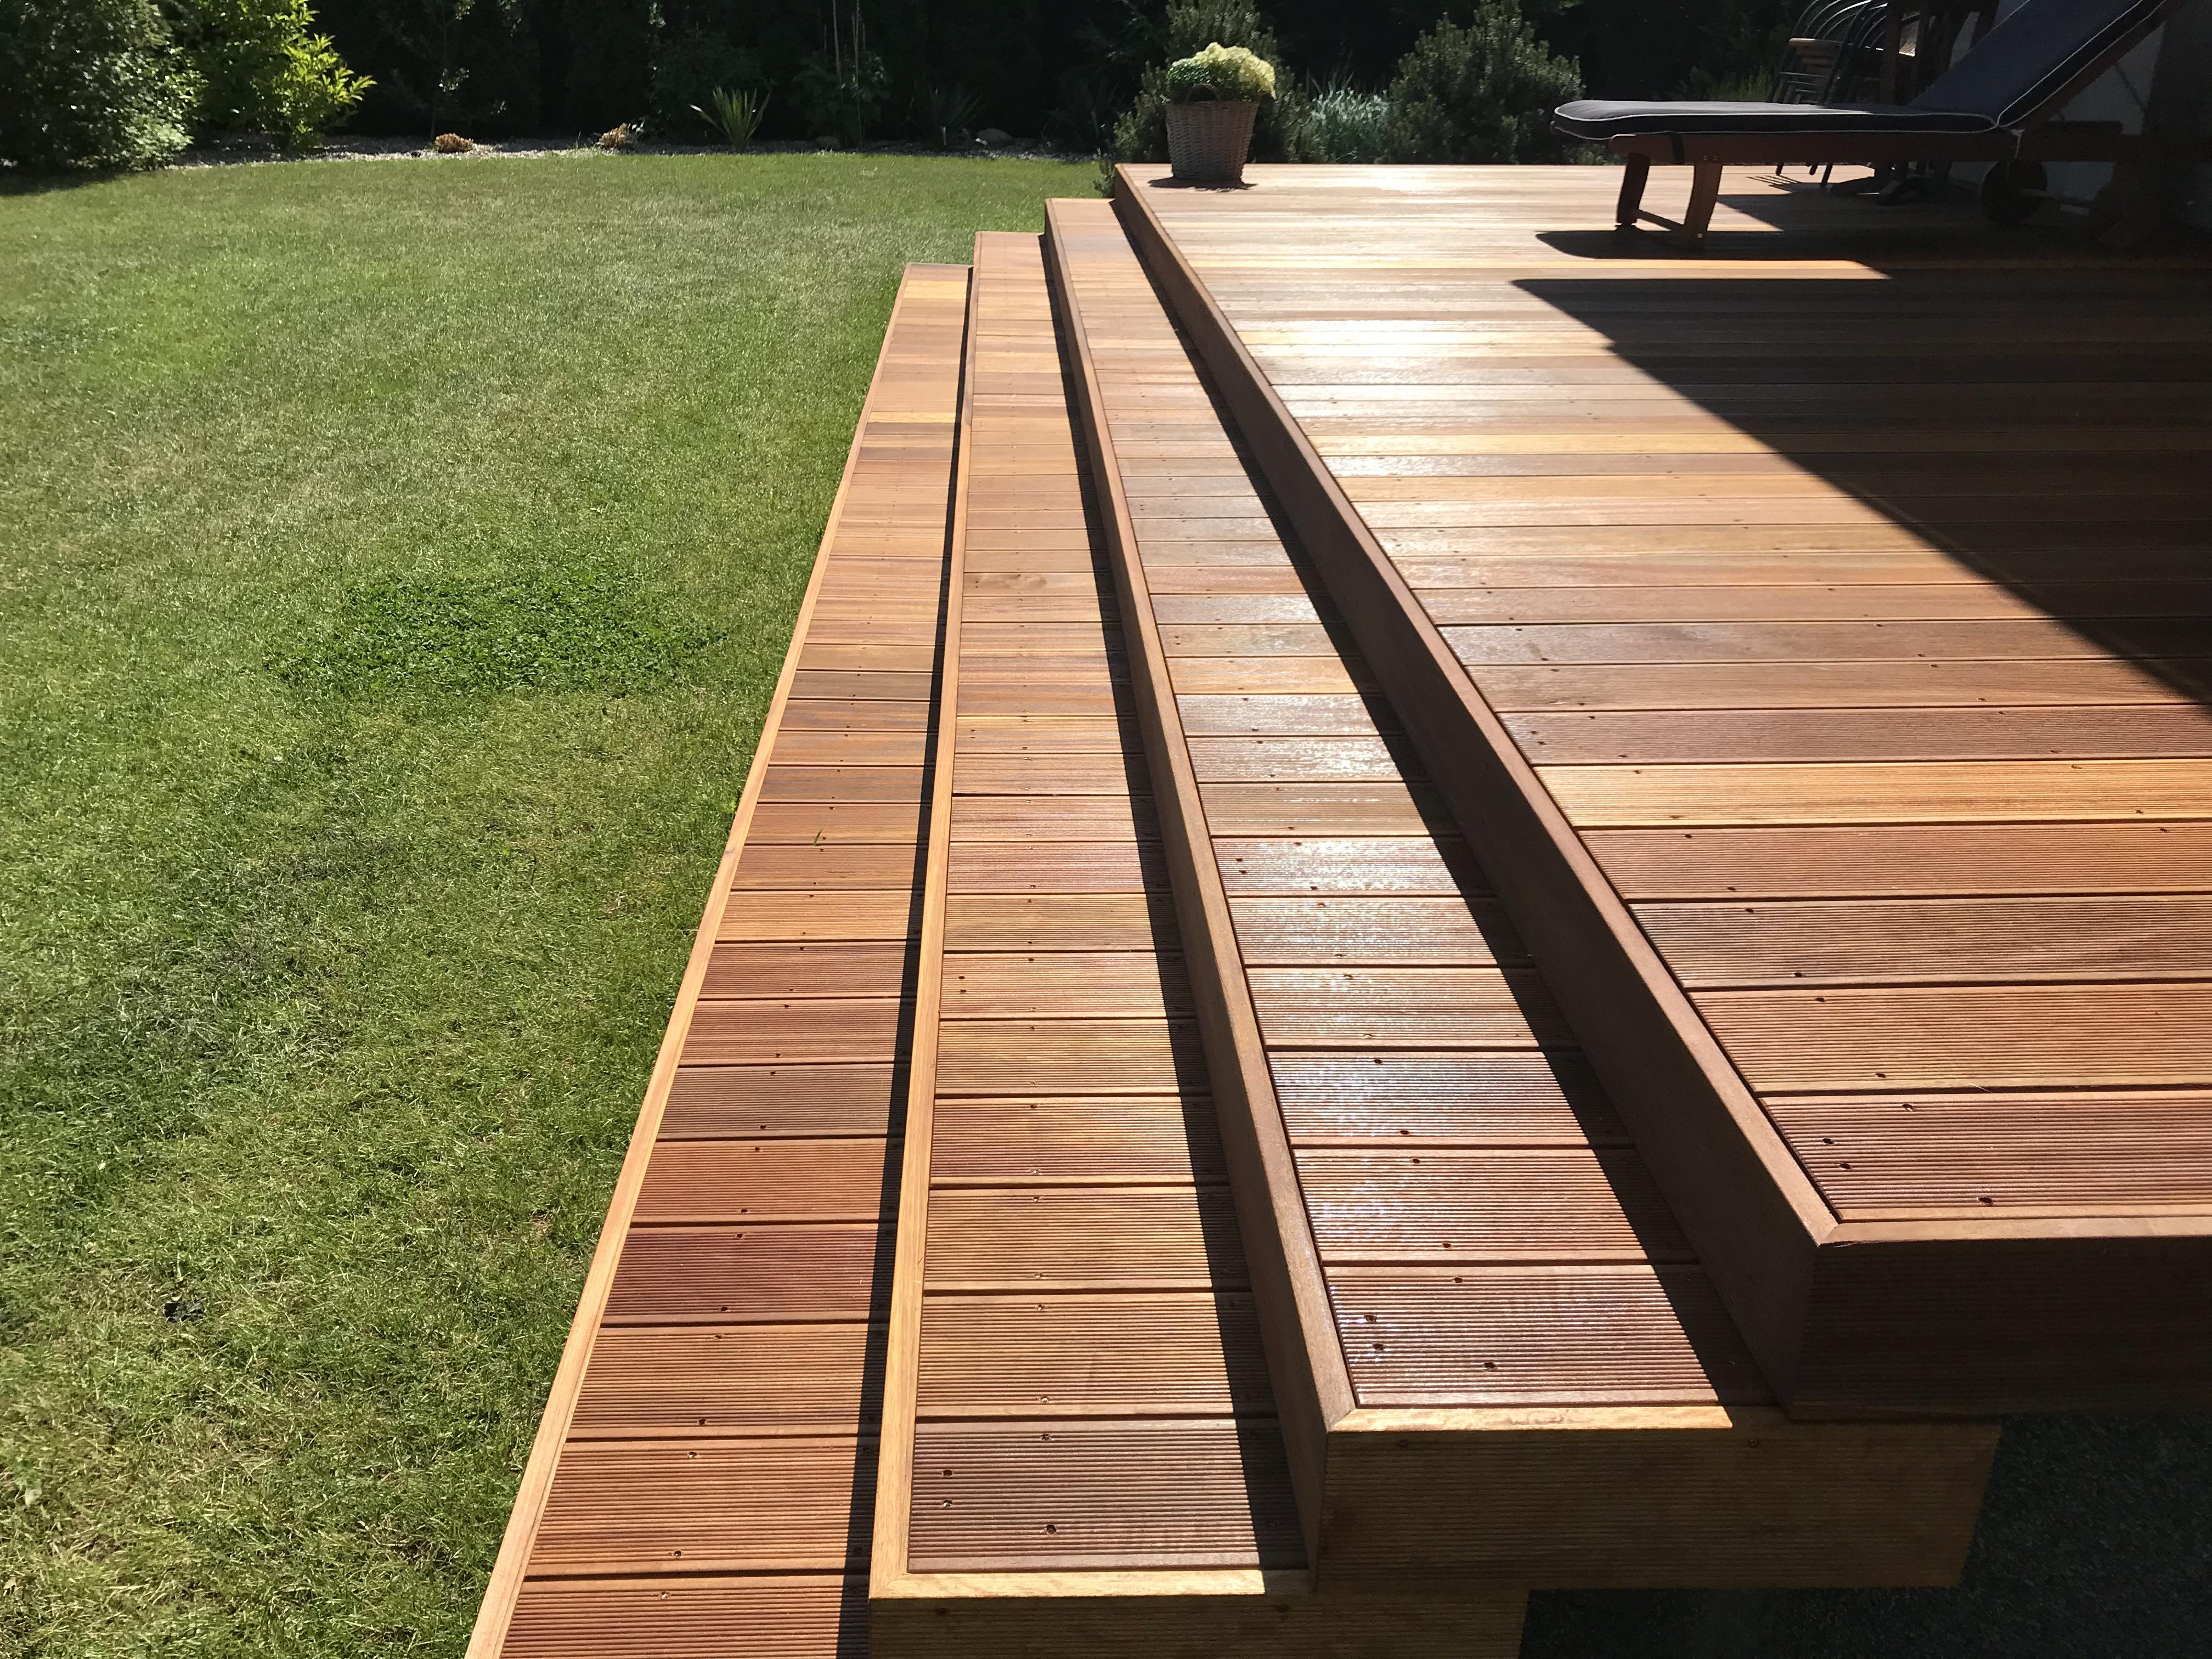 Niewiarygodnie Fast – Podłogi bambusowe, Tarasy drewniane, Deska tarasowa WS14